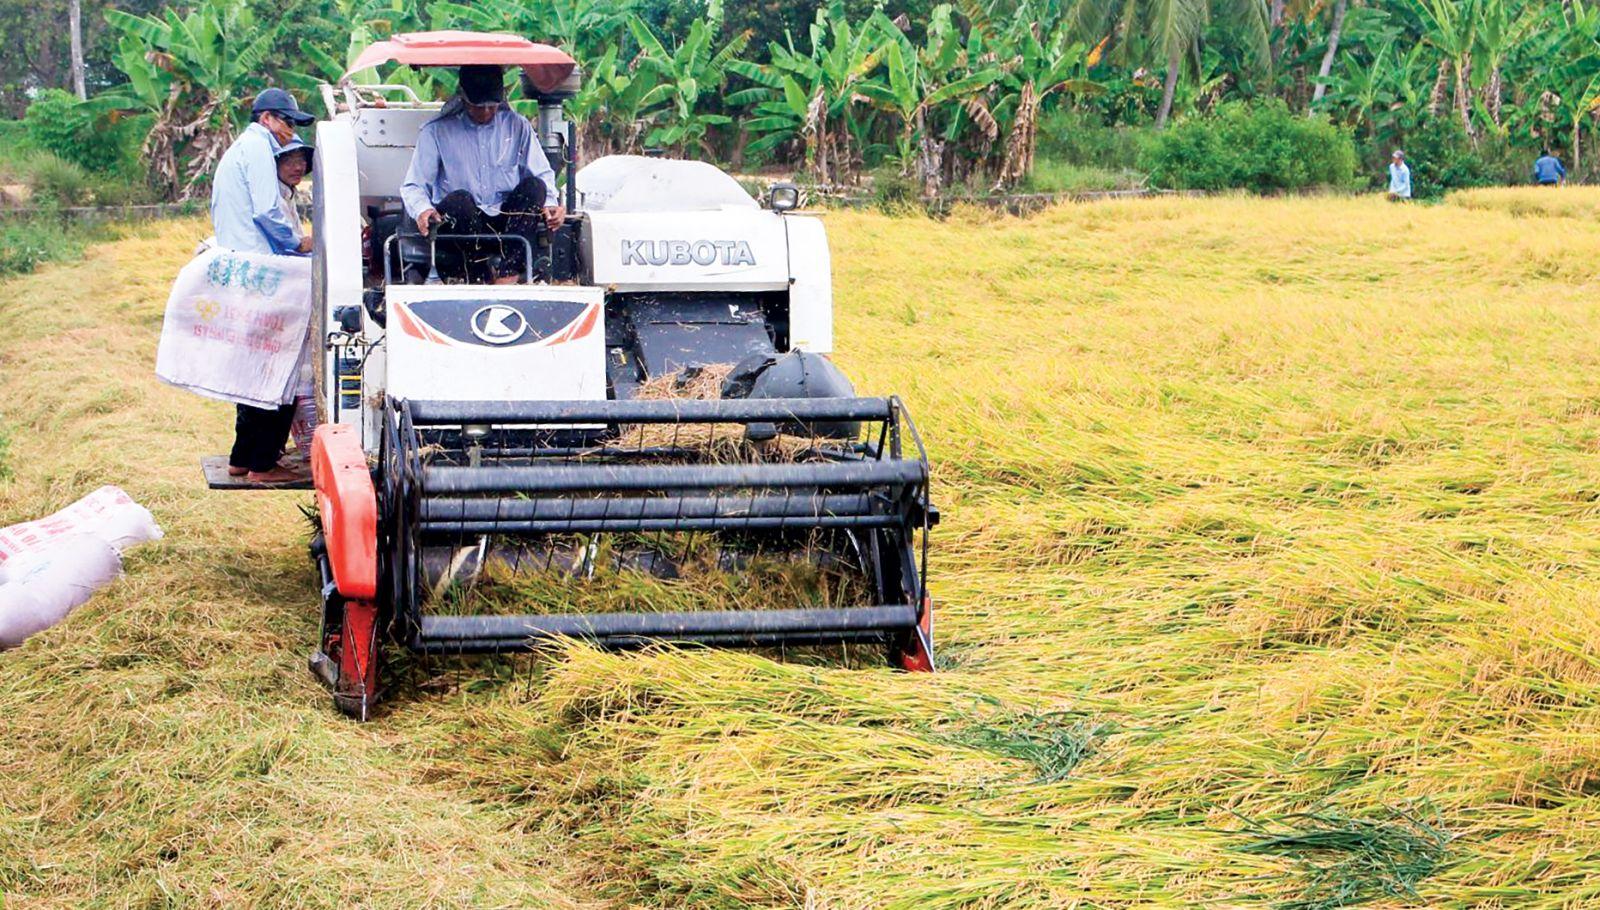 Thu hoạch lúa bằng máy gặt đập liên hợp tại ruộng của ông Lê Tấn Lộc ngụ  xã Xuân Thắng. Ảnh: KHÁNH TRUNG